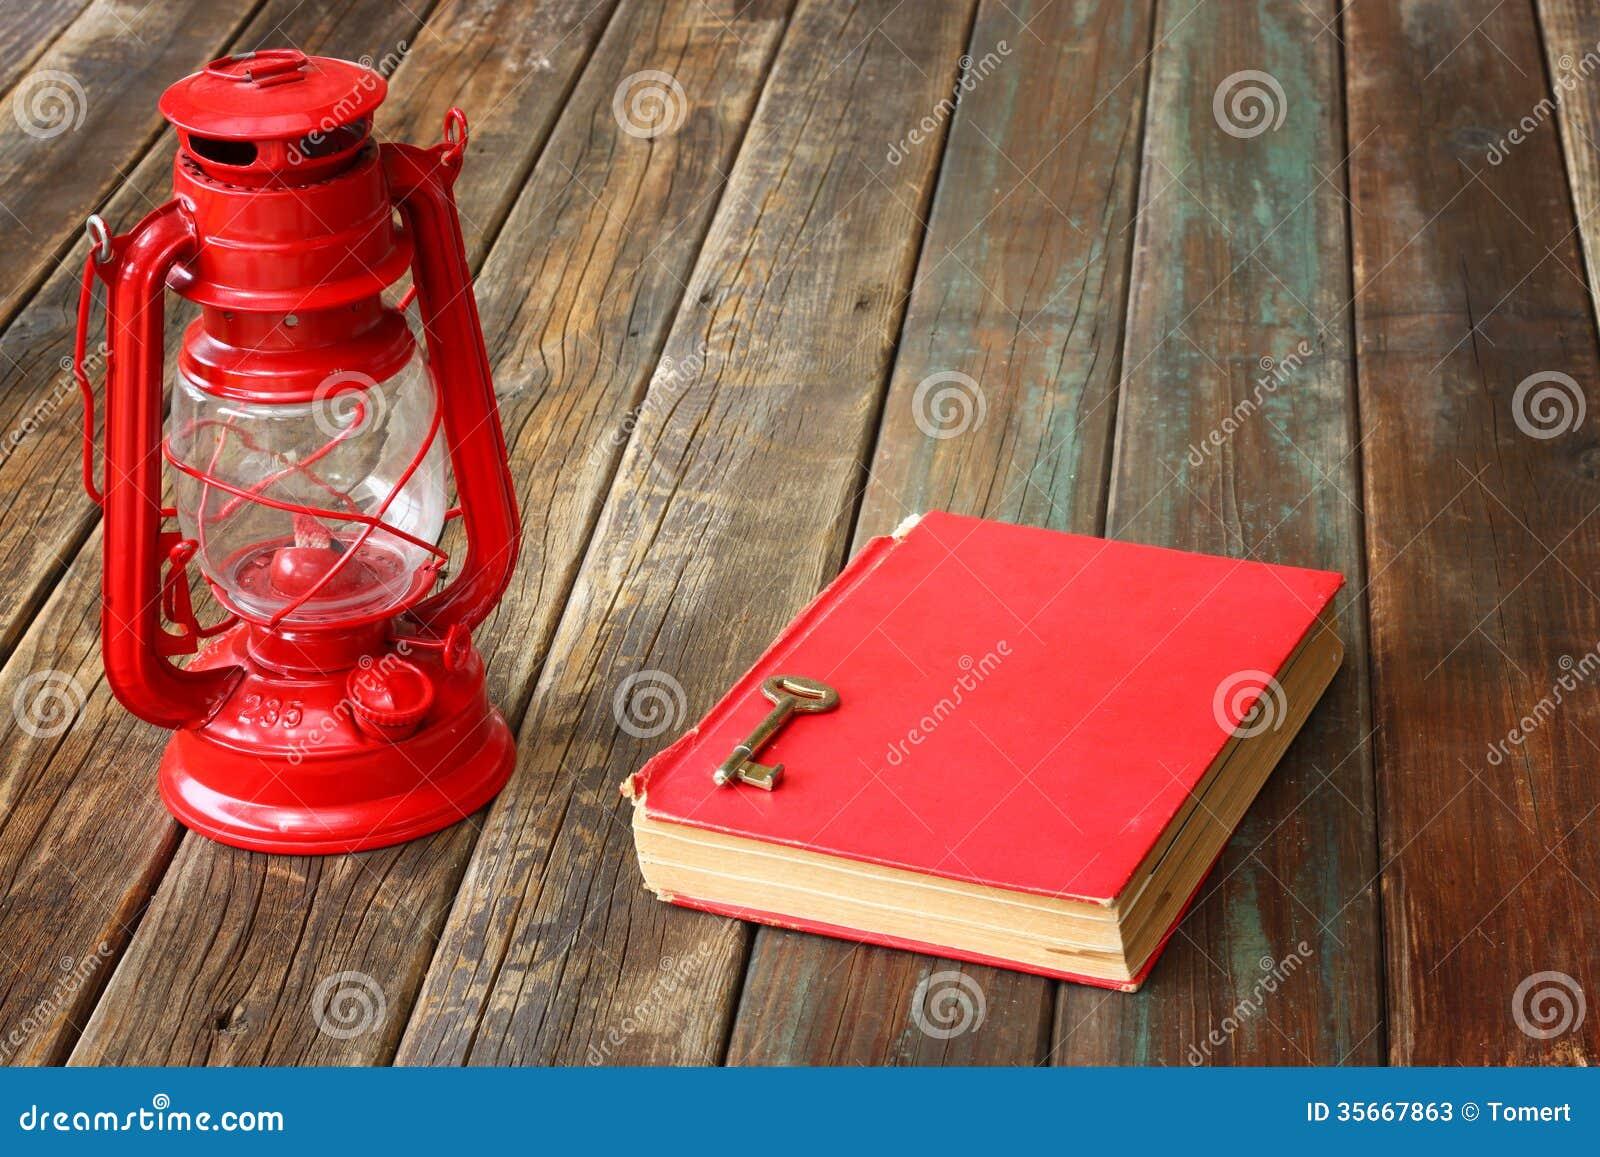 lampe rouge de vintage et livre antique rouge sur la table en bois de vintage toujours. Black Bedroom Furniture Sets. Home Design Ideas